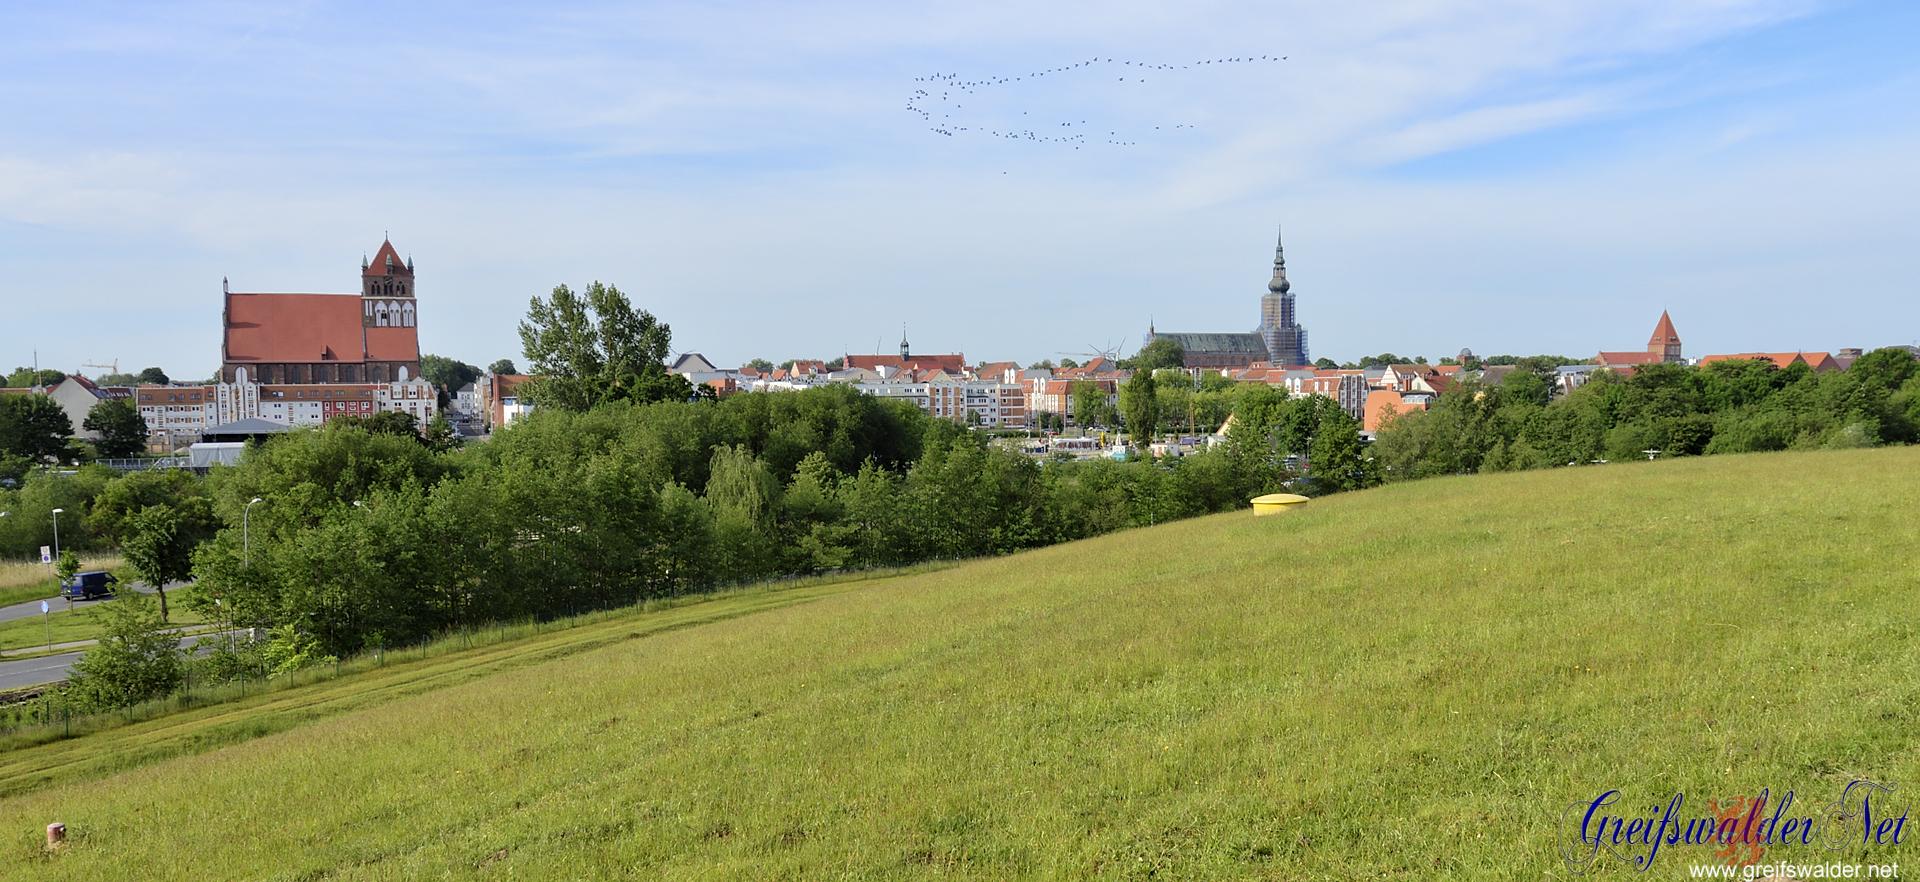 Blick auf die Universitäts- und Hansestadt Greifswald